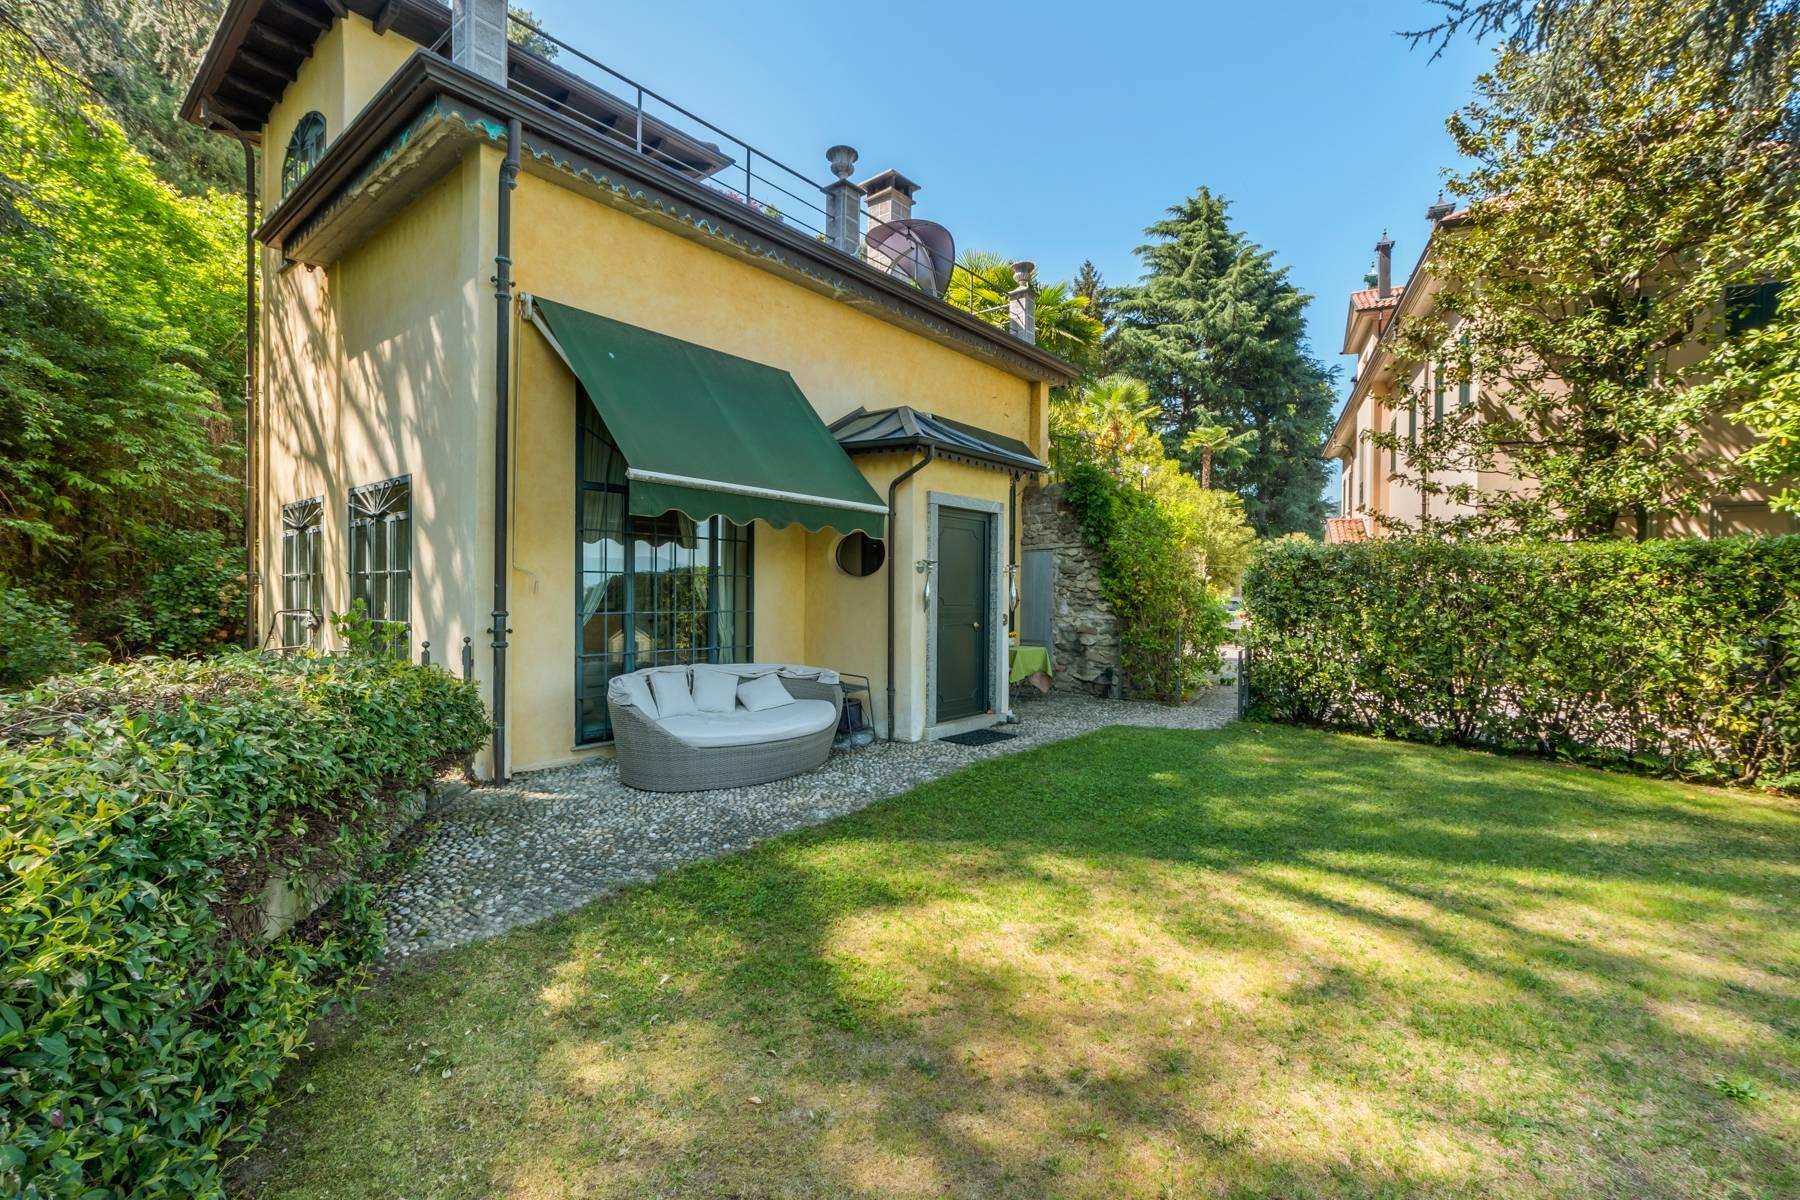 Villa in Vendita a Meina: 5 locali, 250 mq - Foto 7